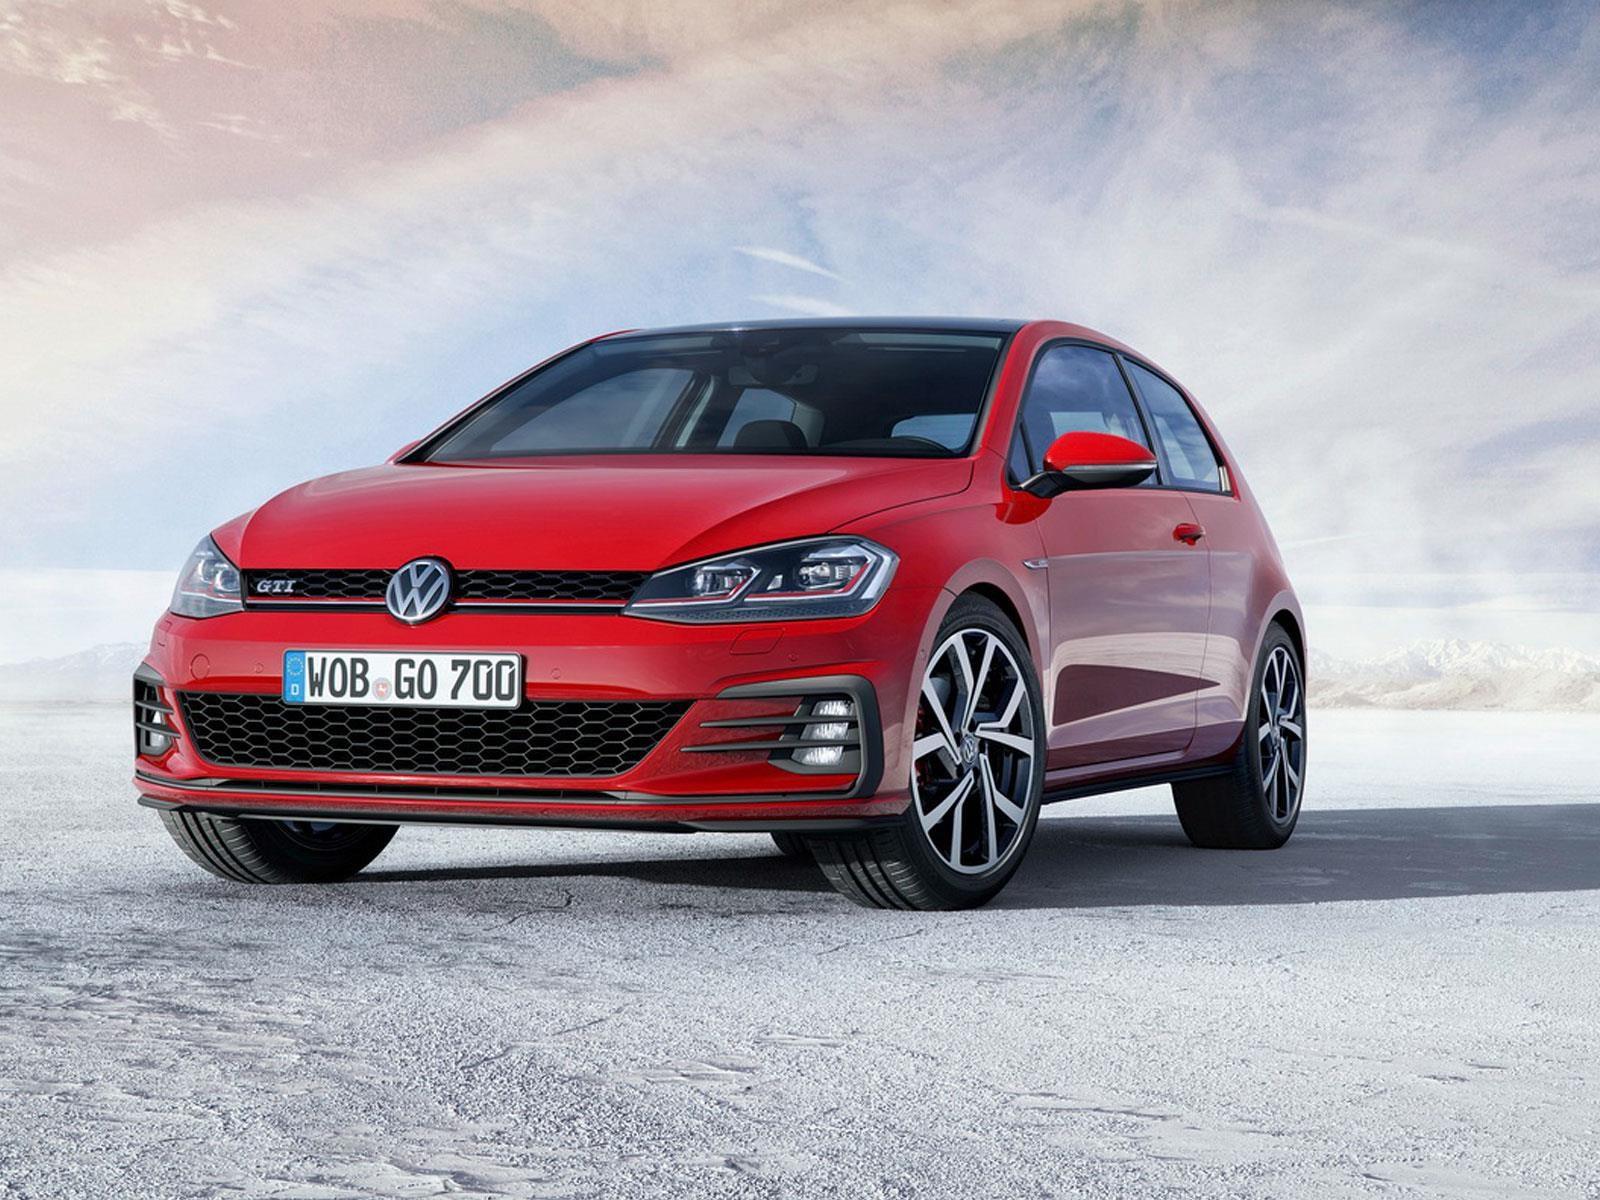 Volkswagen Golf 2018, icono renovado - Autocosmos.com